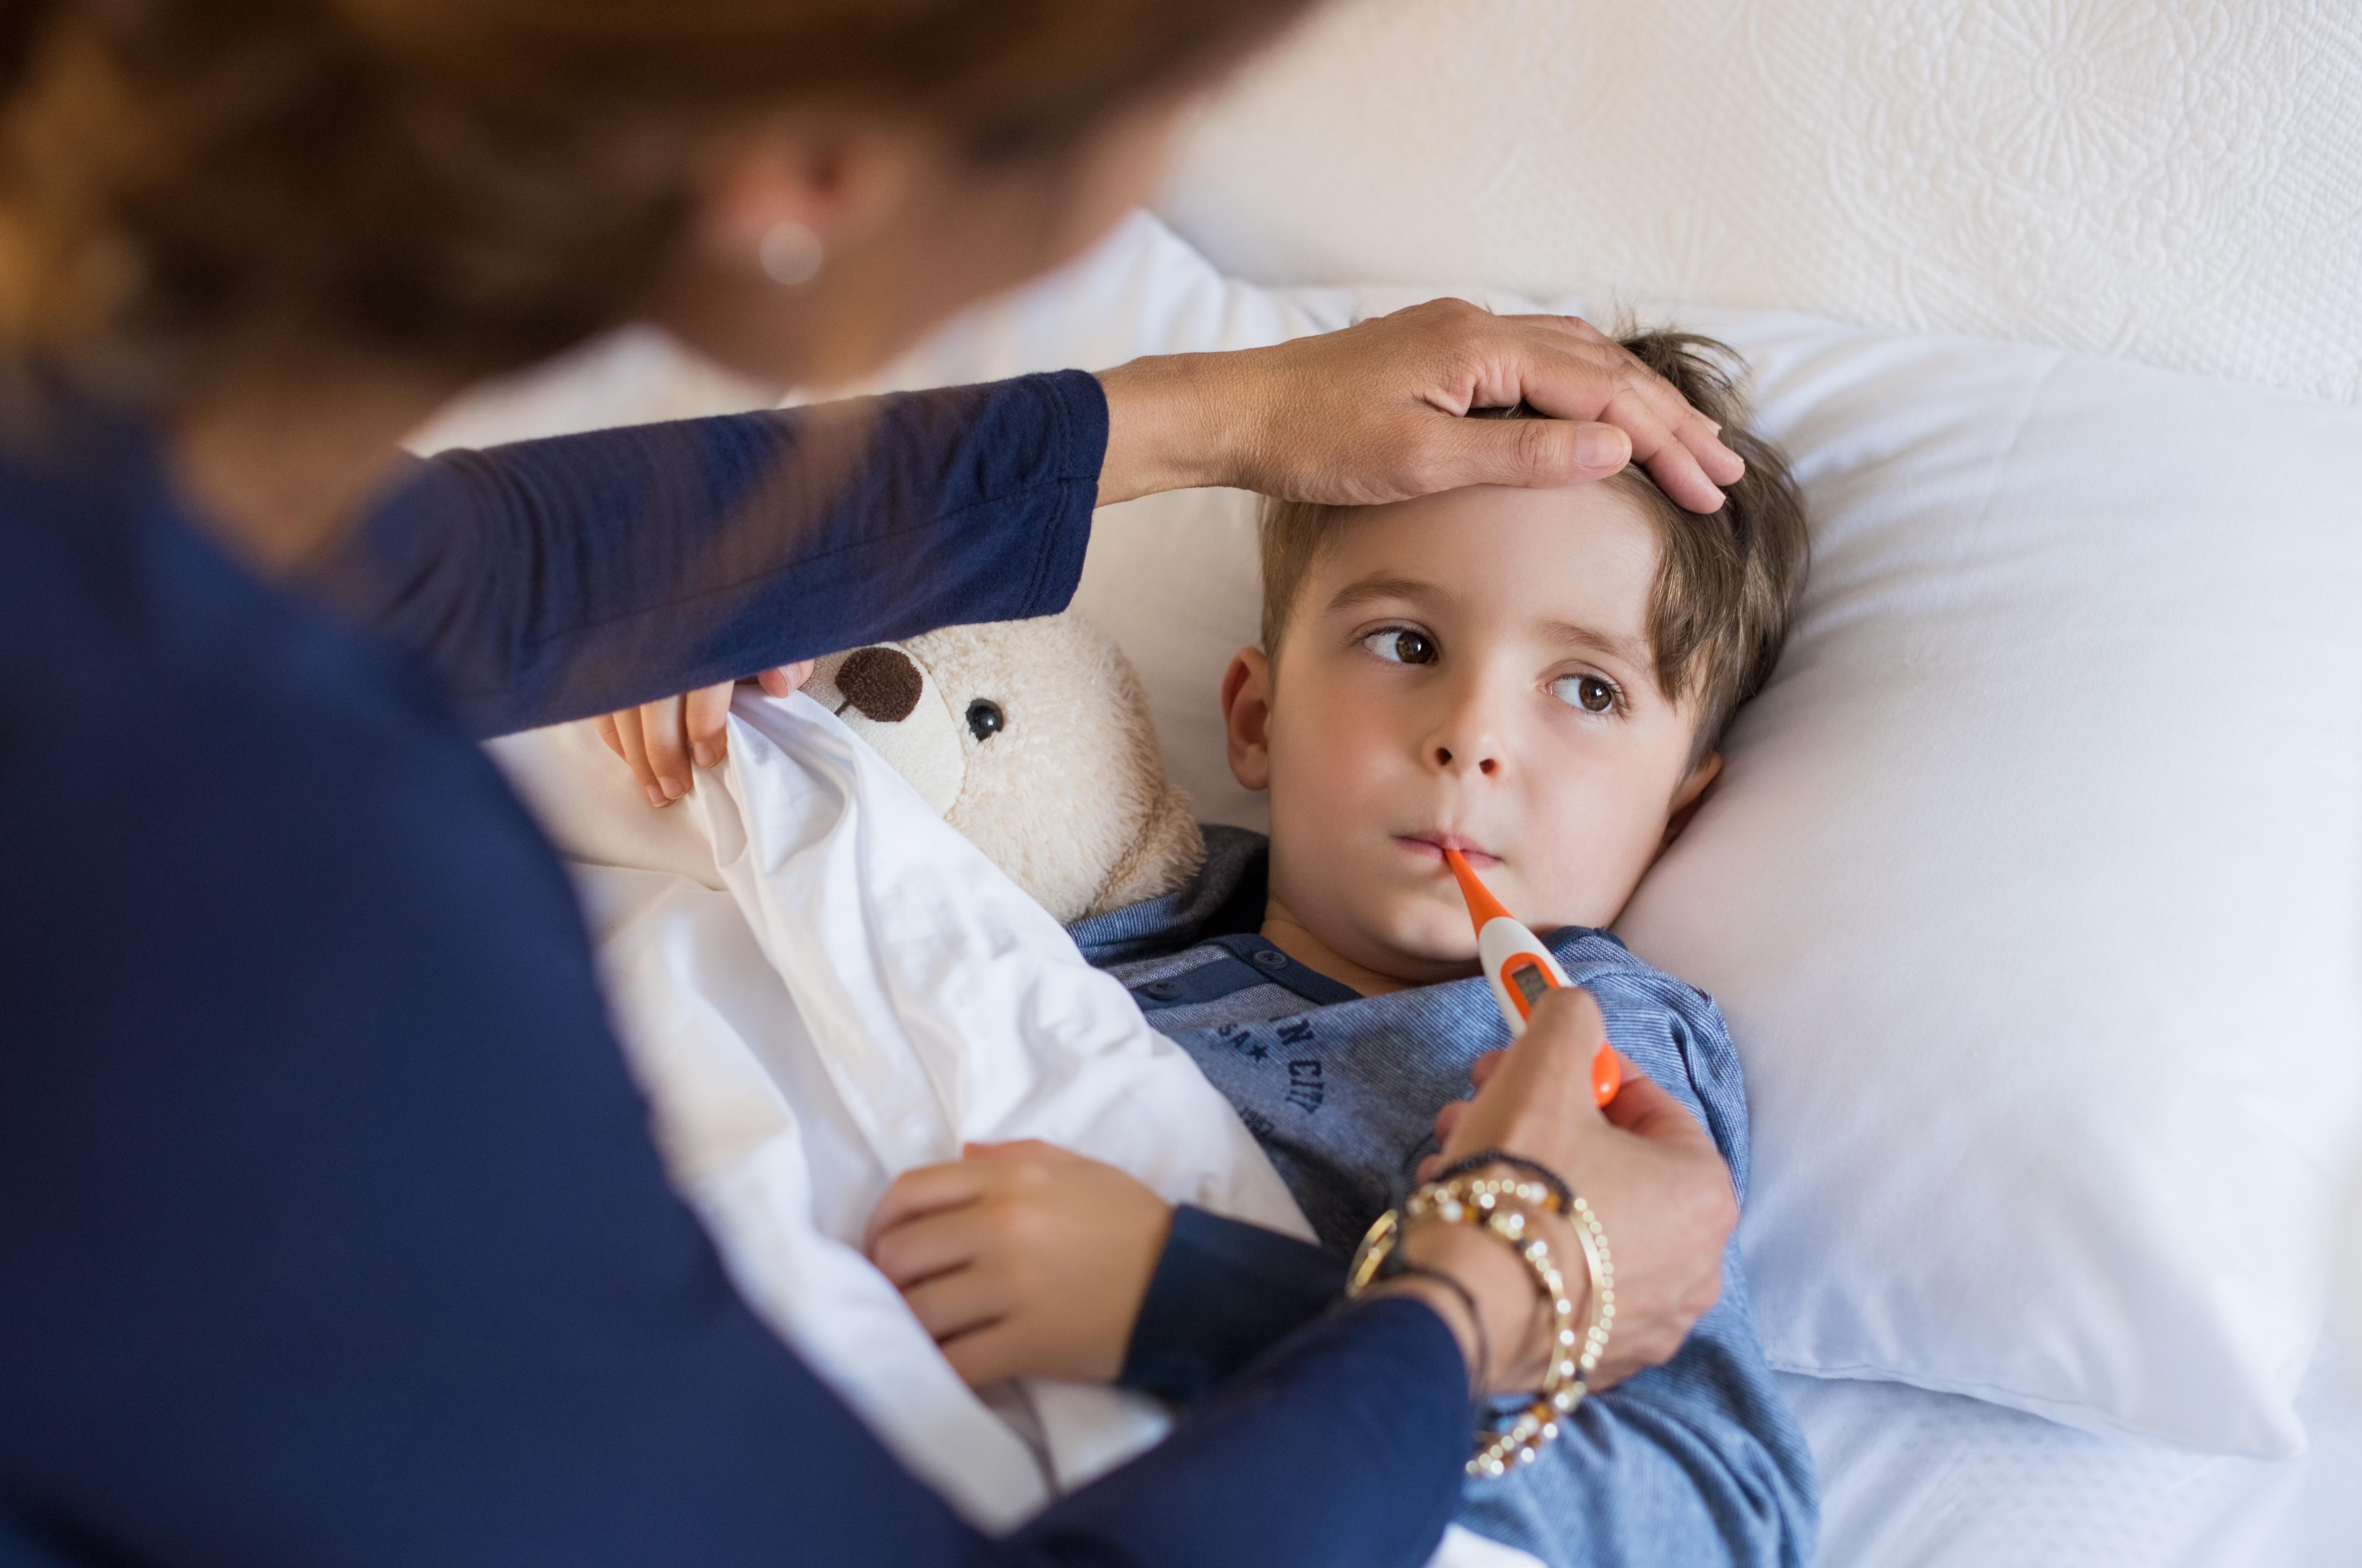 Sommar, sol och sjuka barn. Försommaren är nämligen en period som många barn råkar ut för snuva med feber och hosta.